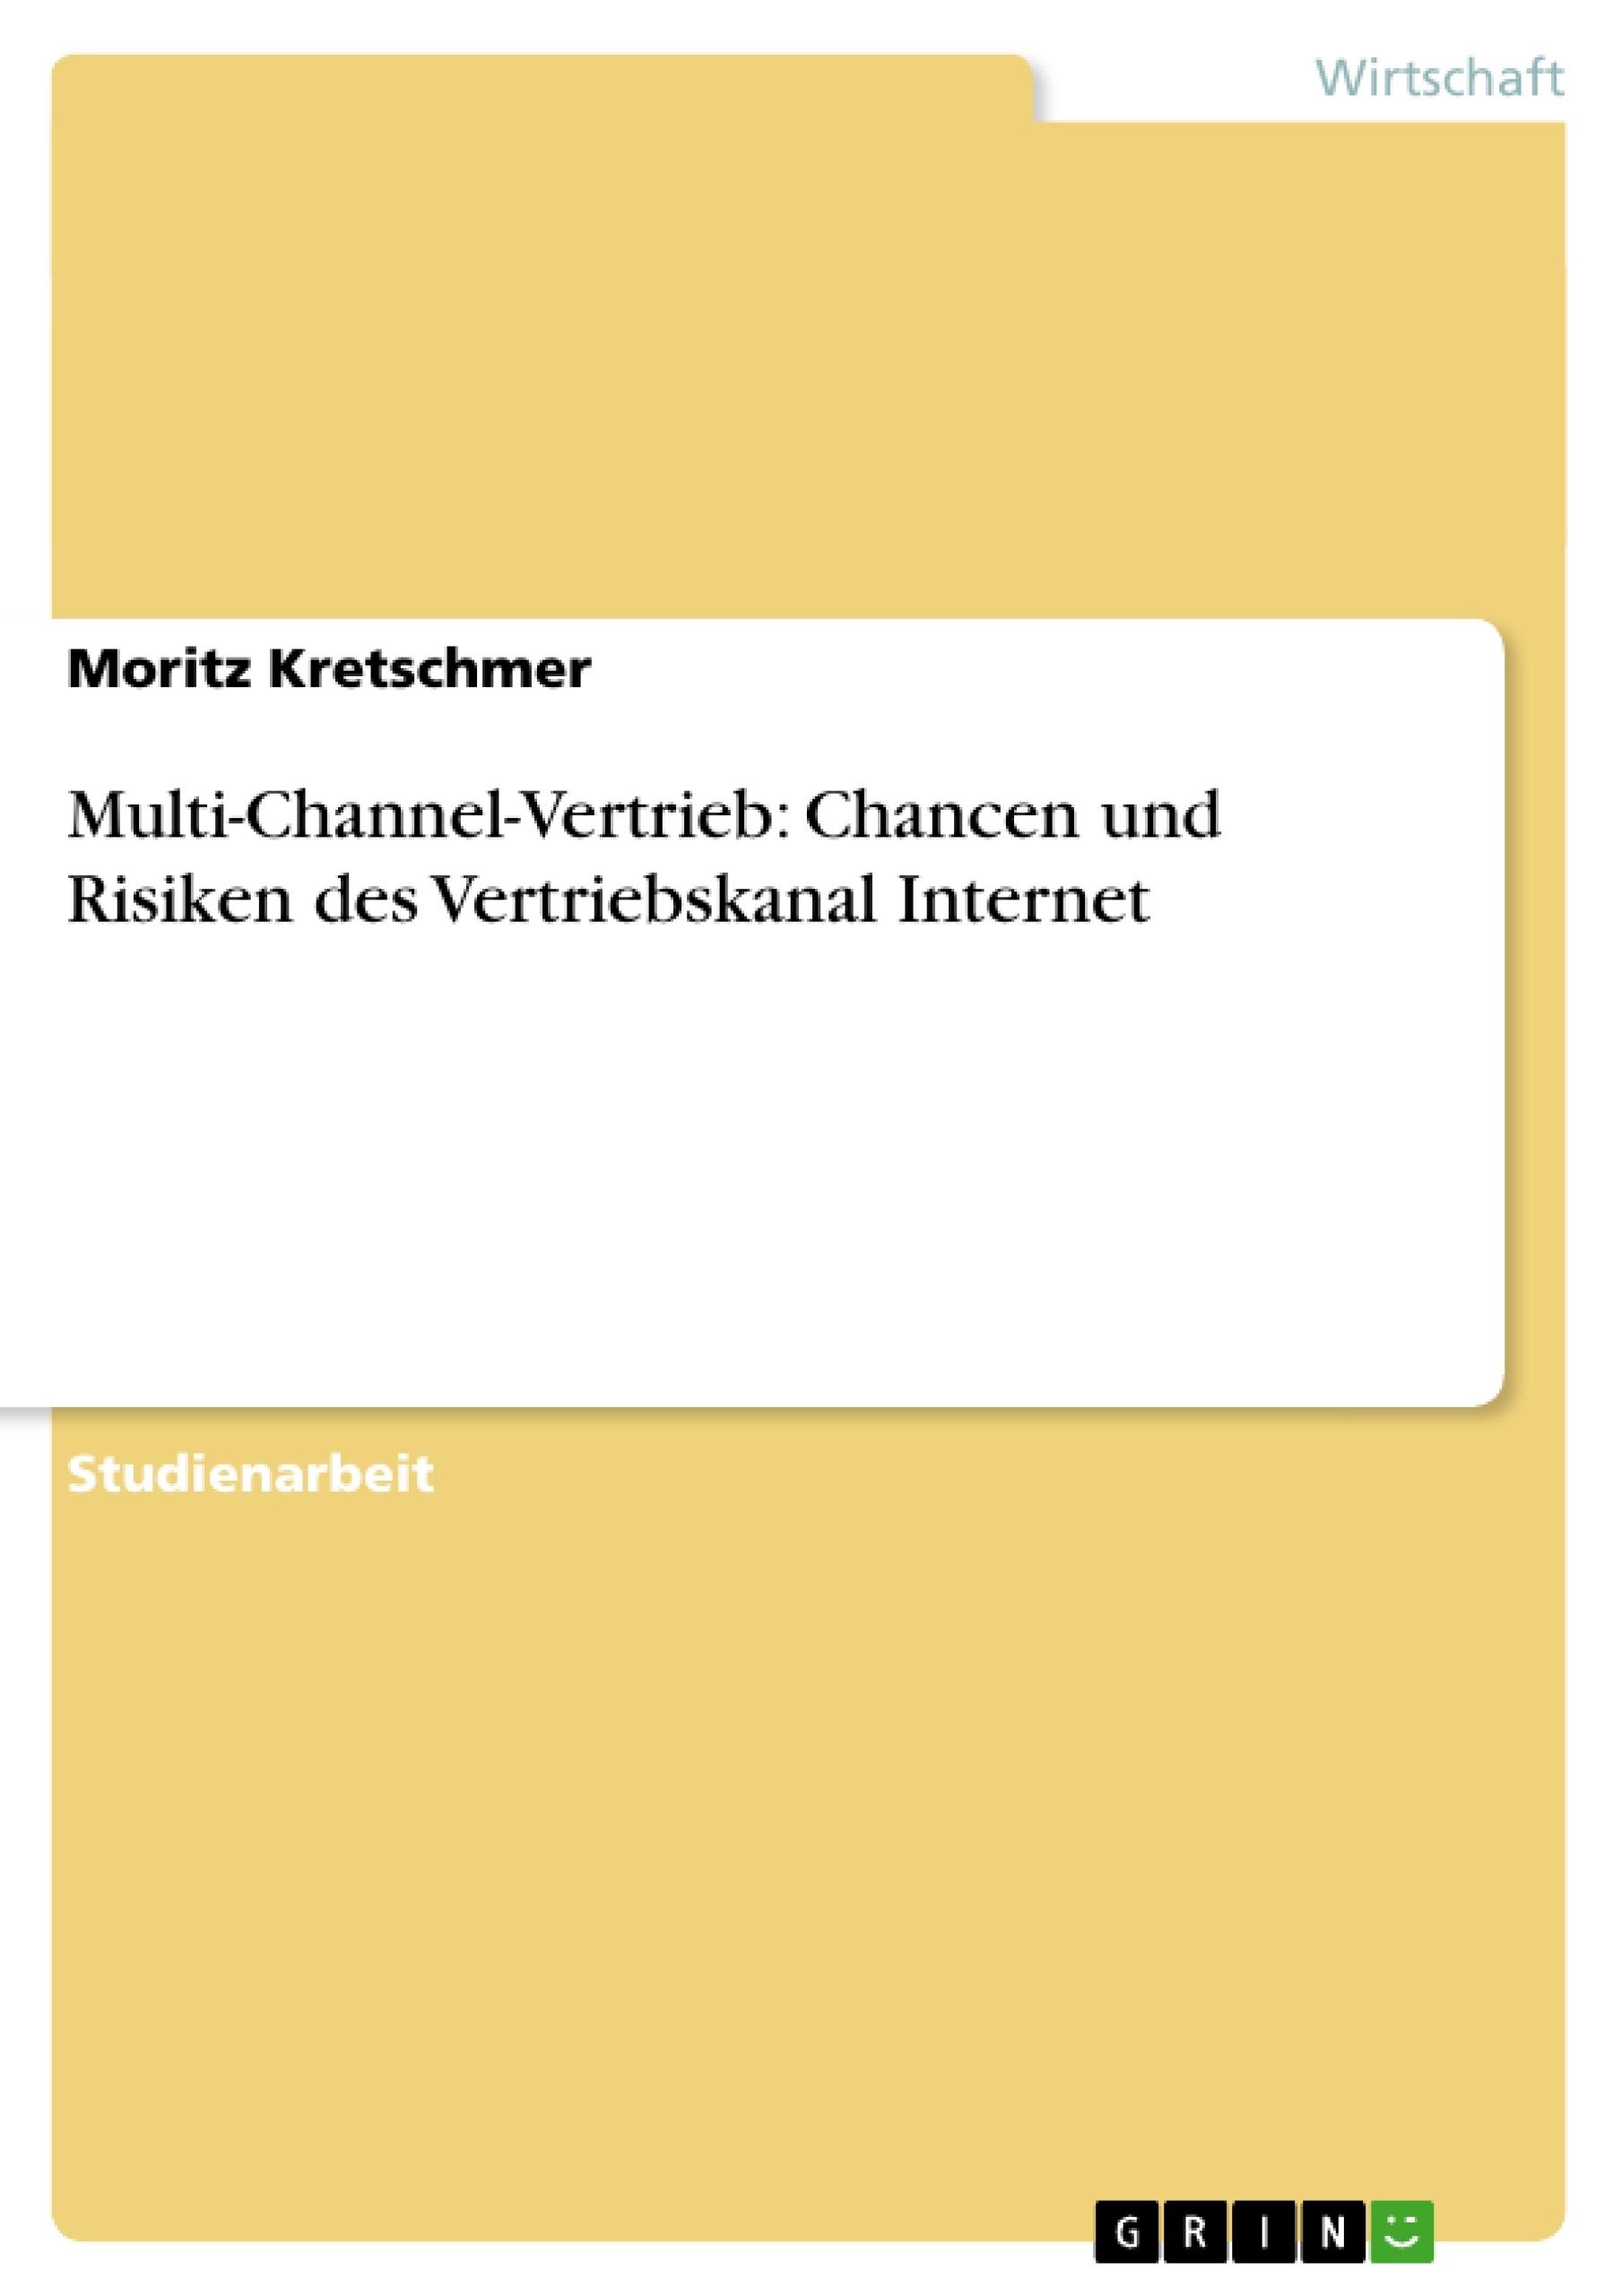 Titel: Multi-Channel-Vertrieb: Chancen und Risiken des Vertriebskanal Internet